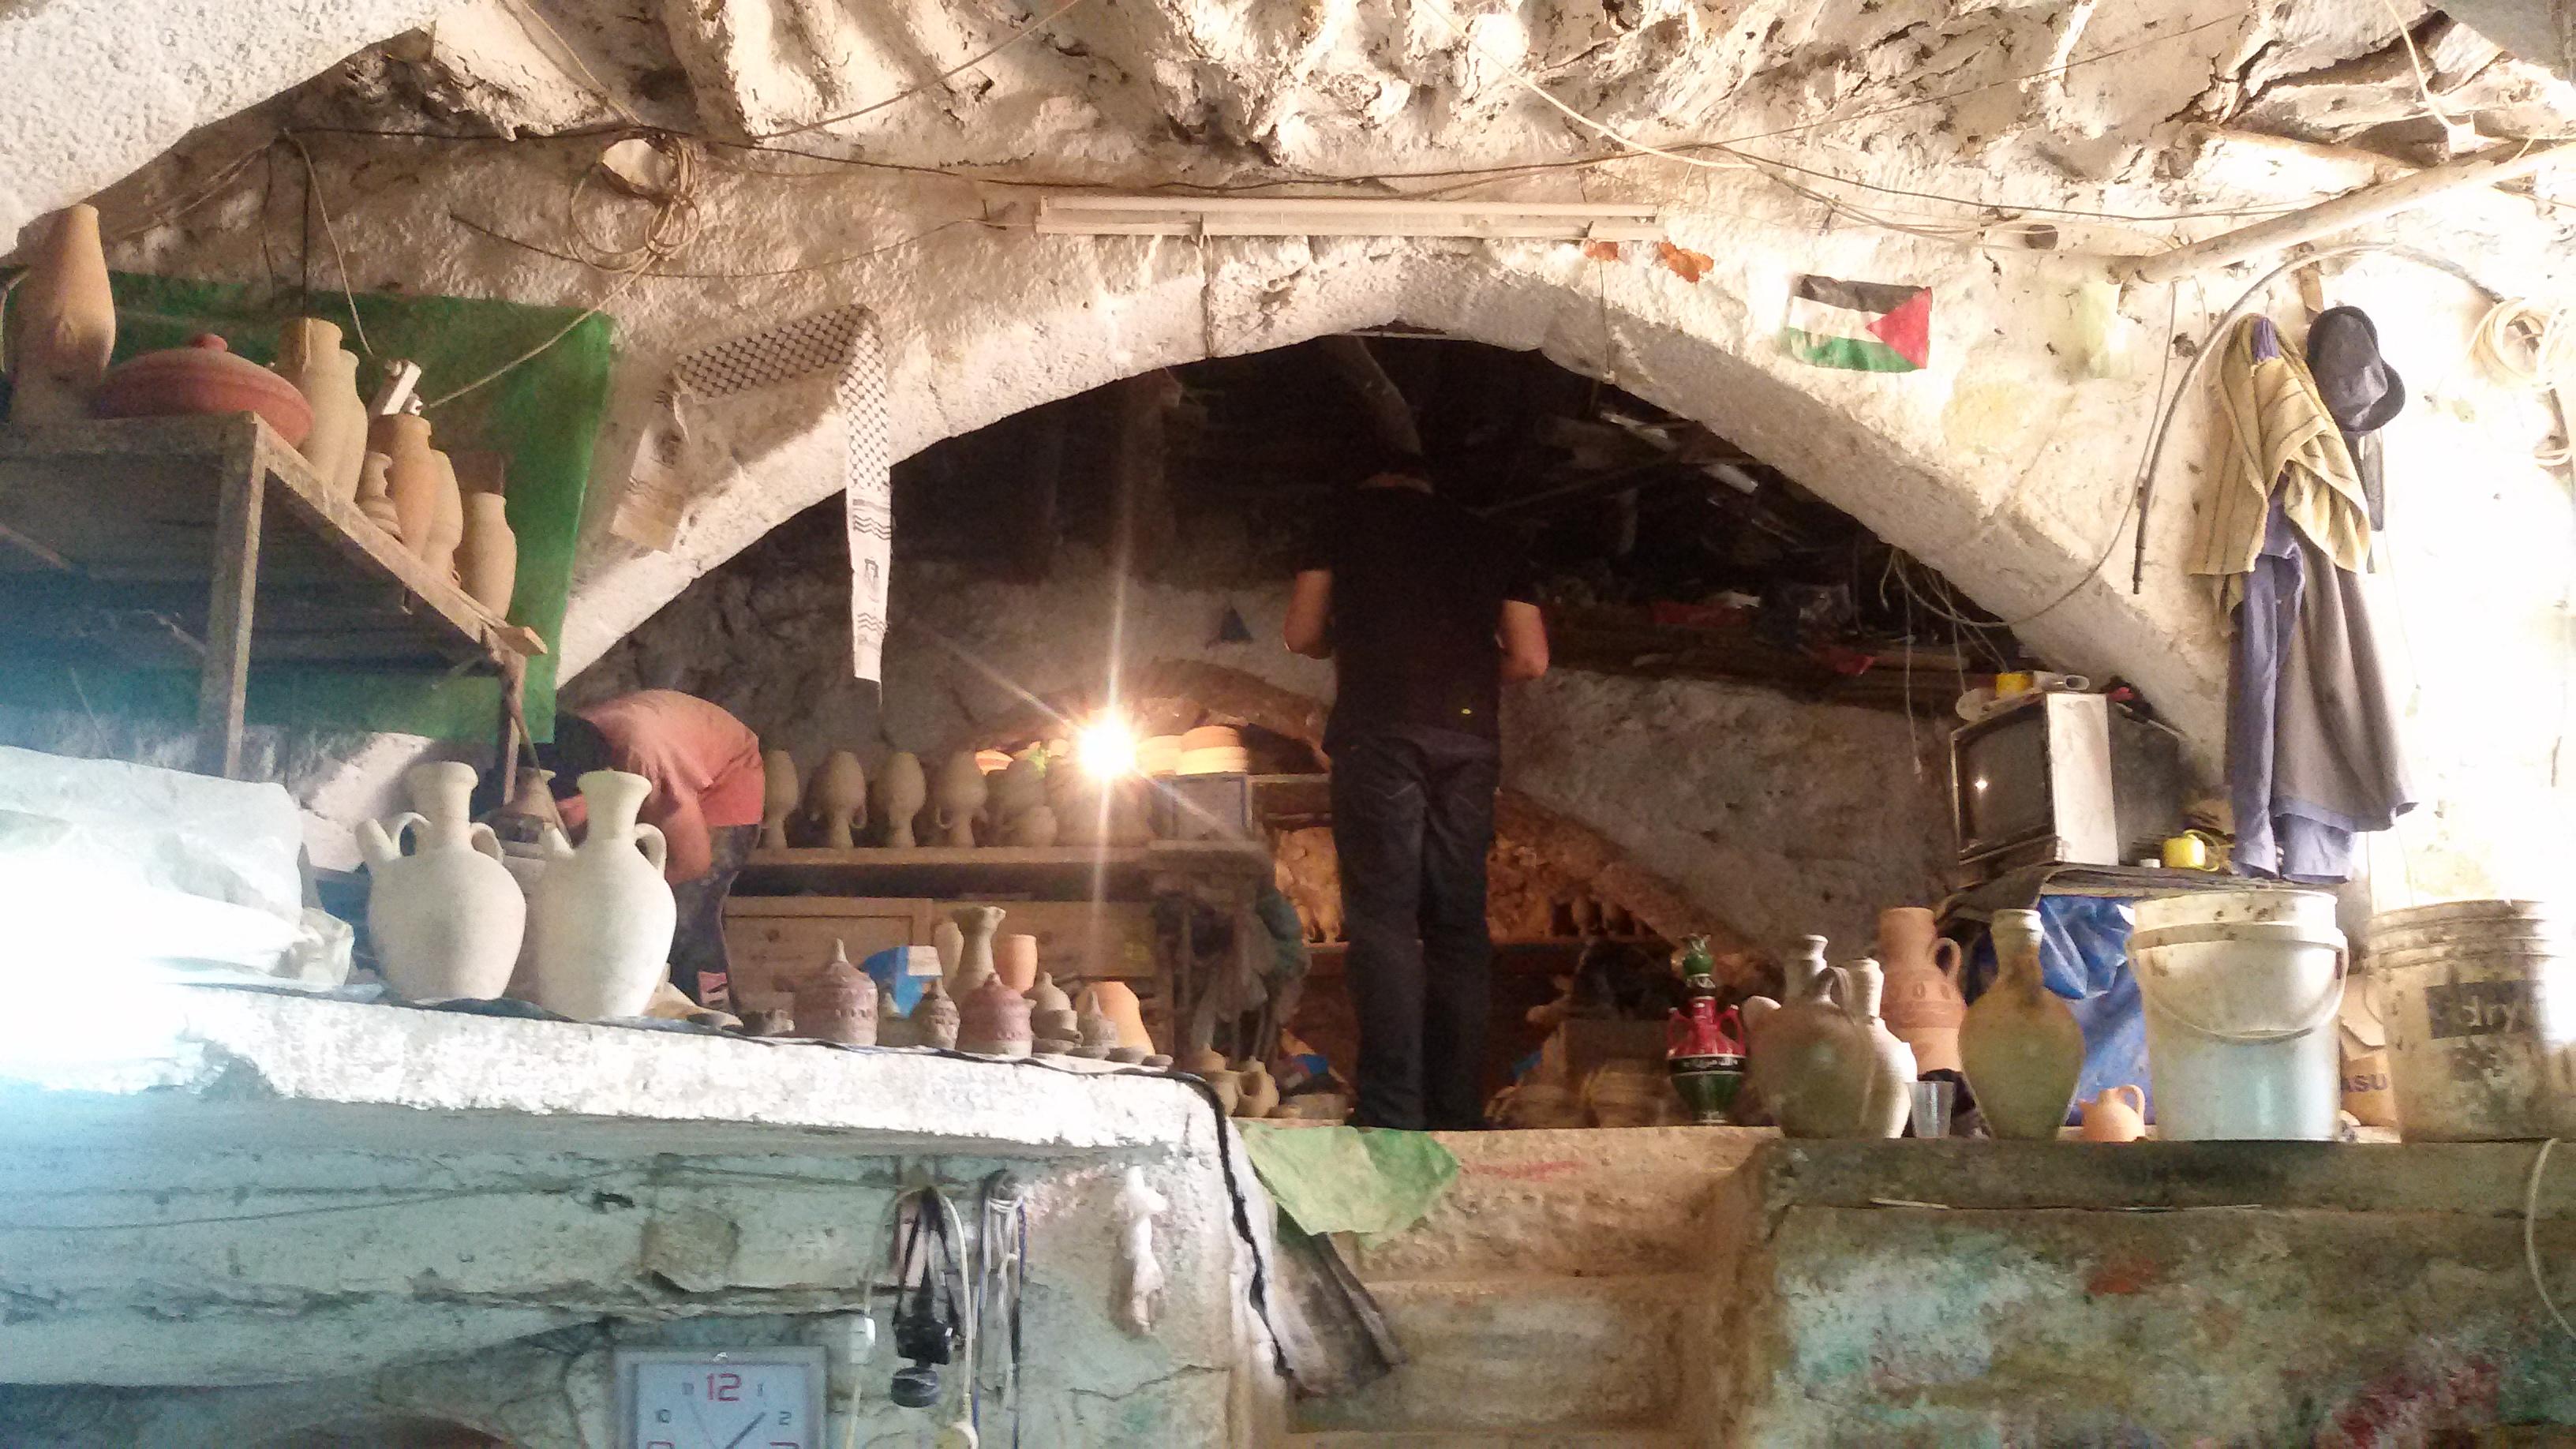 החלק העליון של המערה משמש לאיכסון